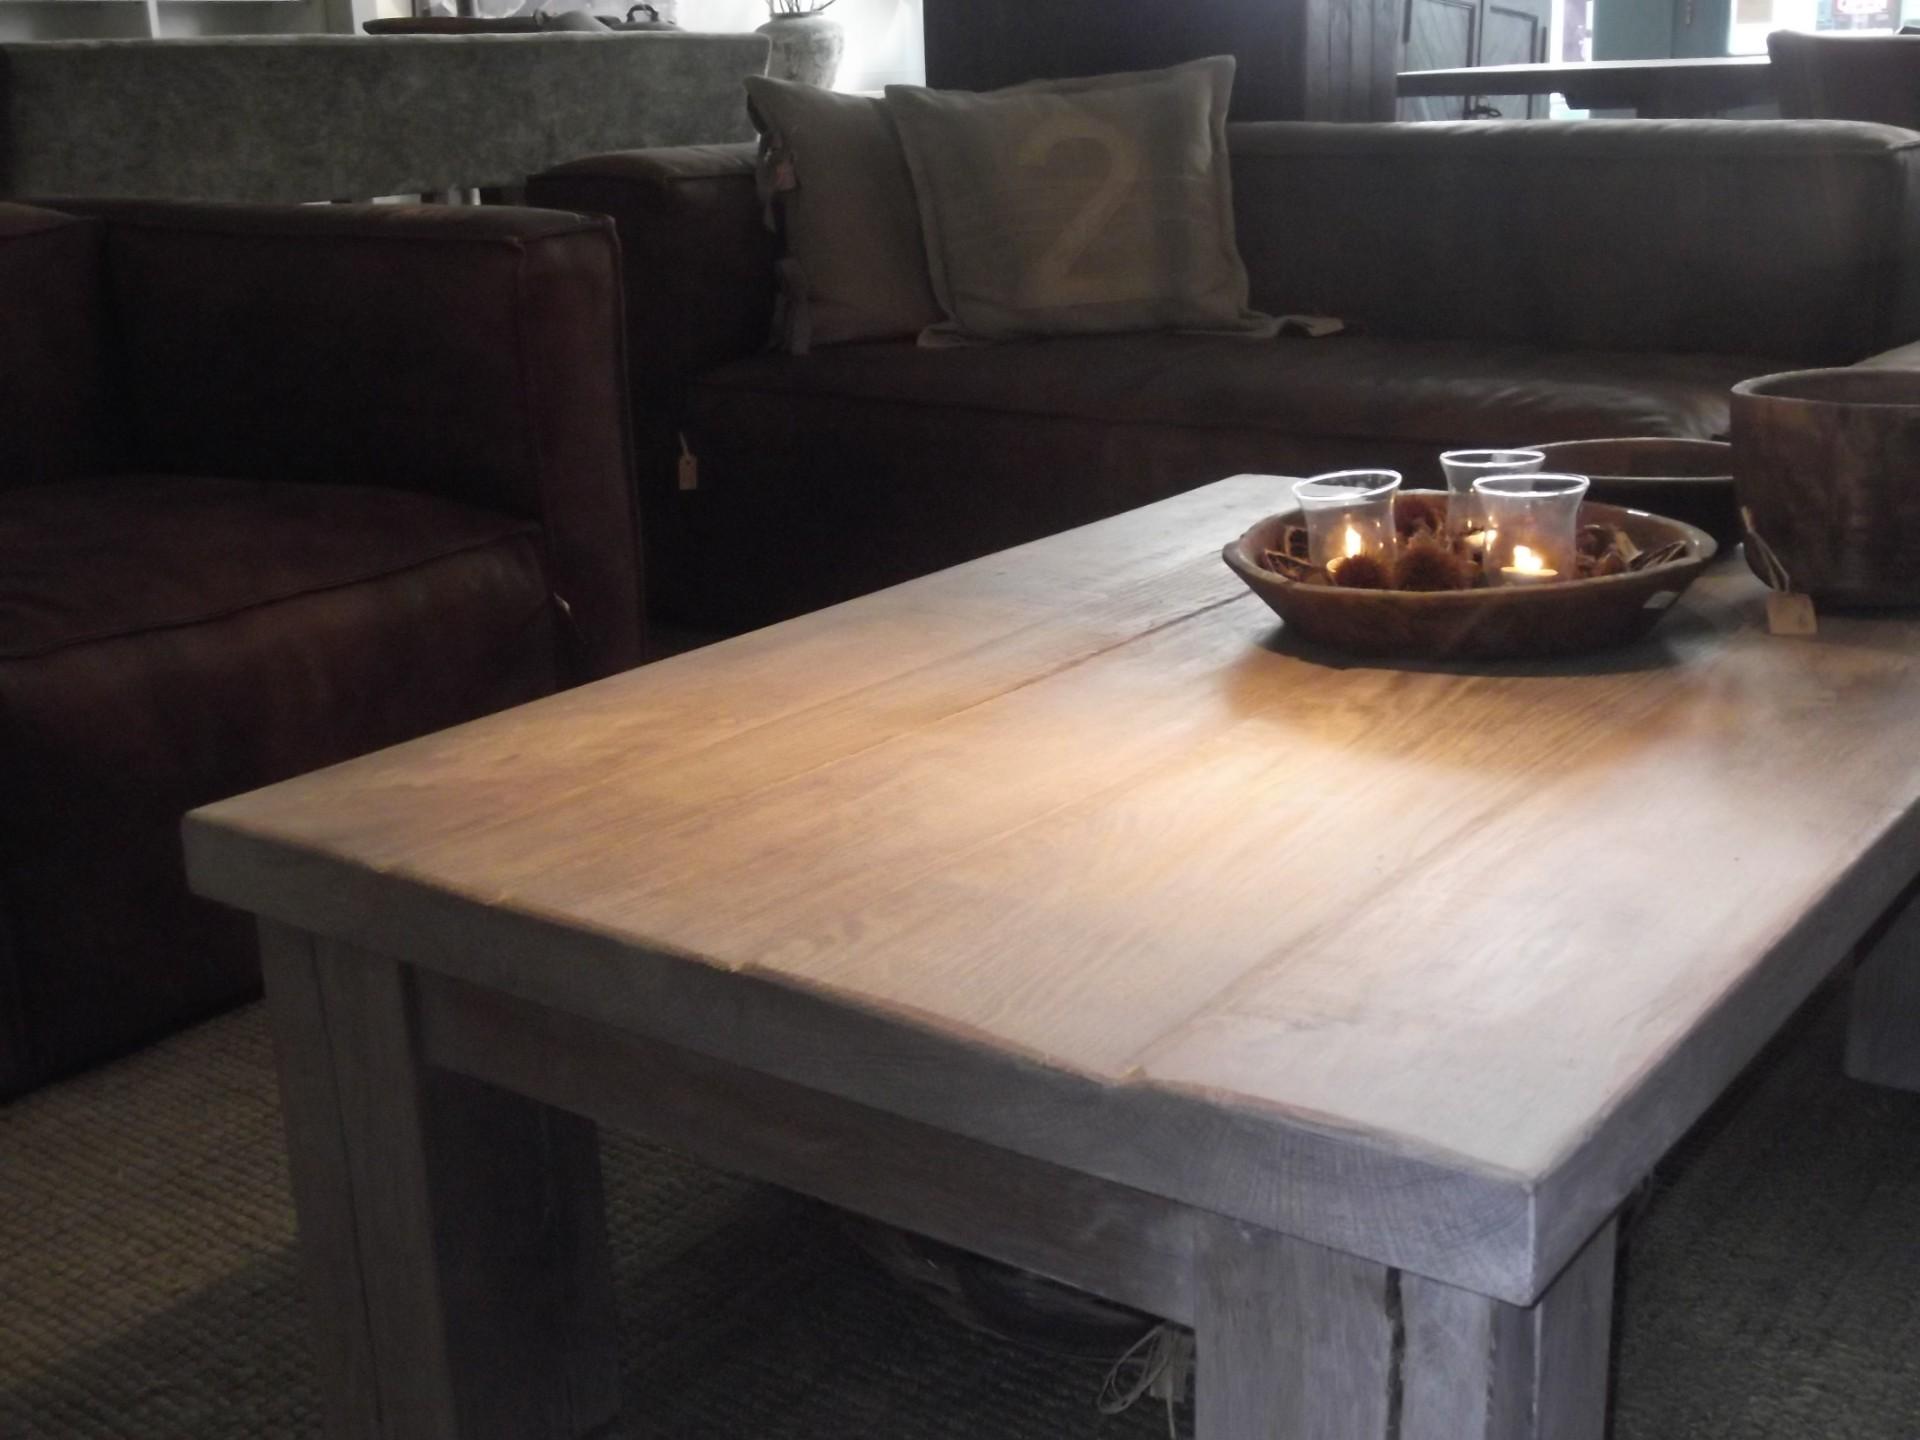 meubelmakerij zutphen